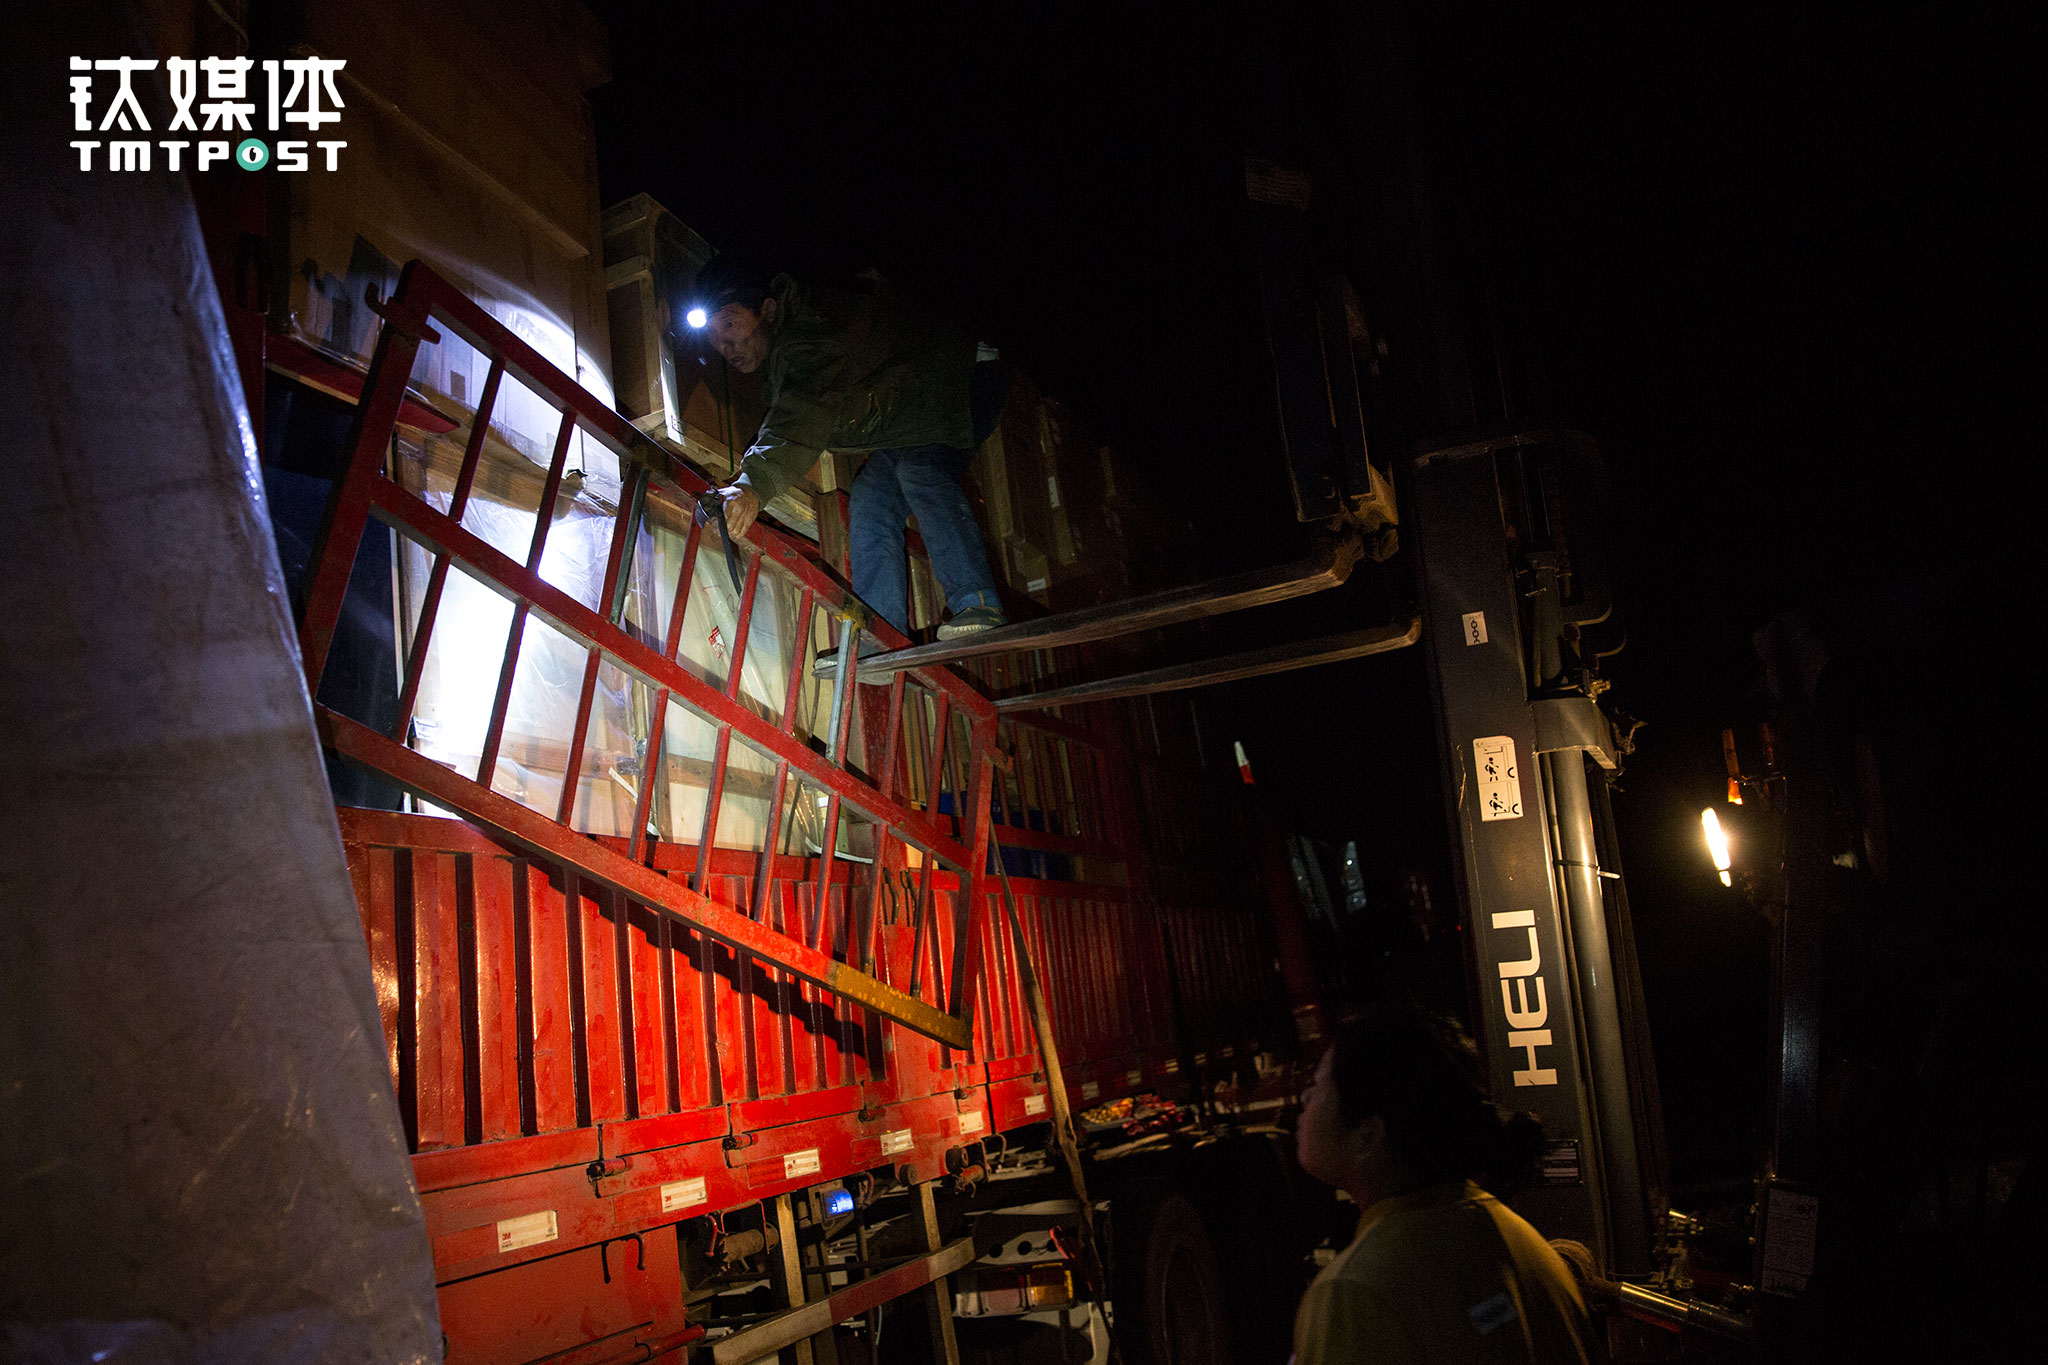 找到货物所在的地方,金强在叉车的协助下开始卸高栏。一趟零担拉上三四批次货,拆装十多个几十斤的高栏都是个不小的体力活。